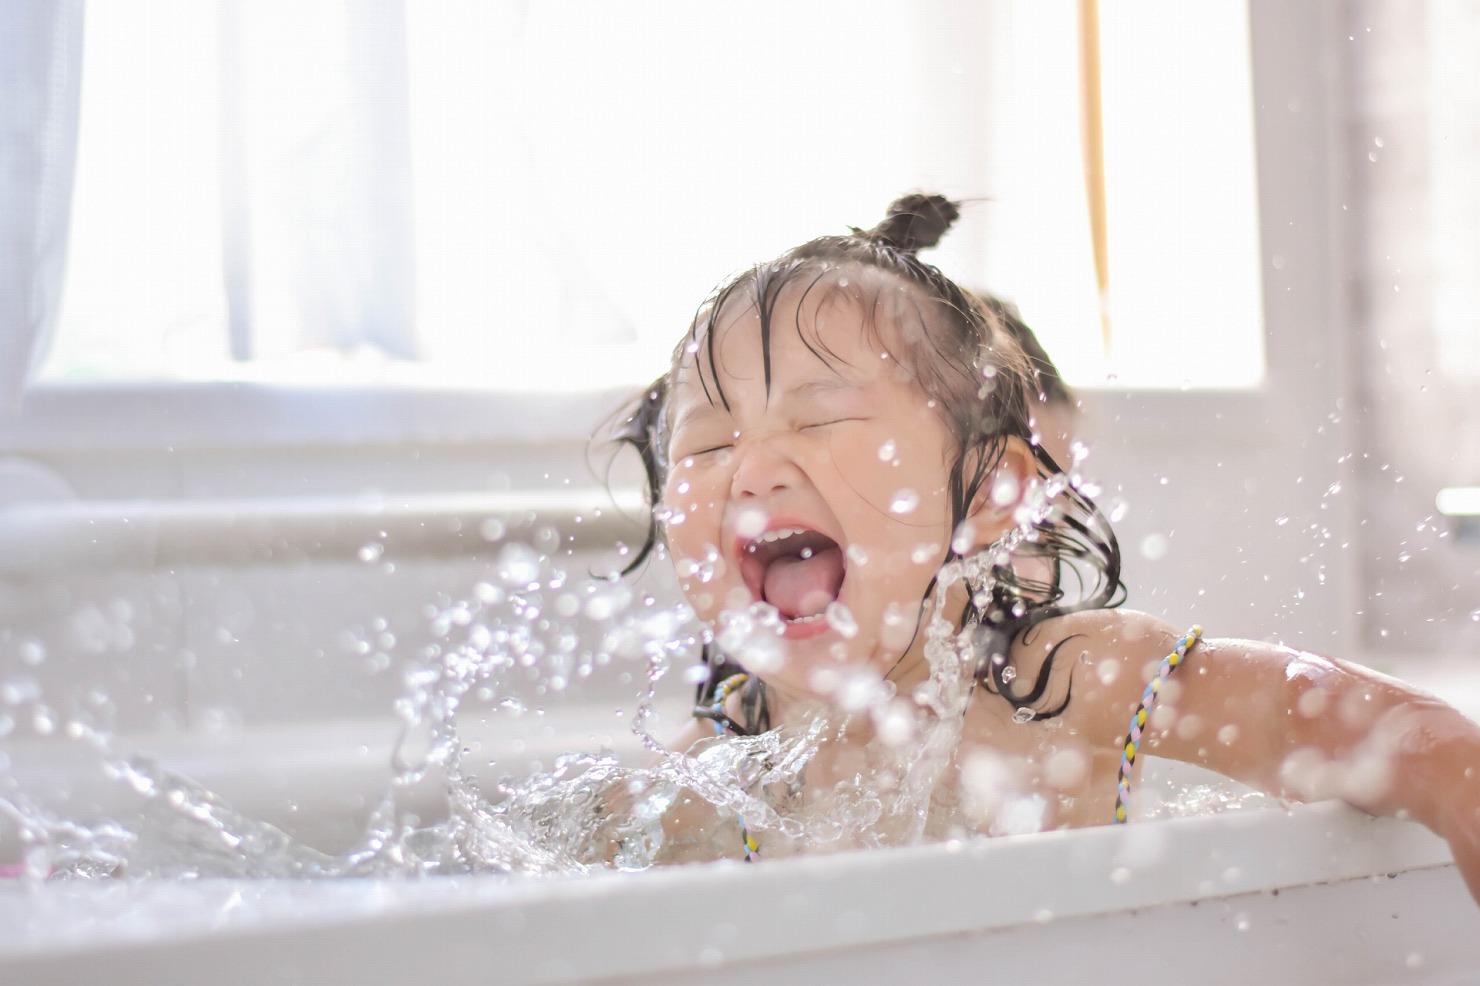 お泊り保育のお風呂はどうするの?